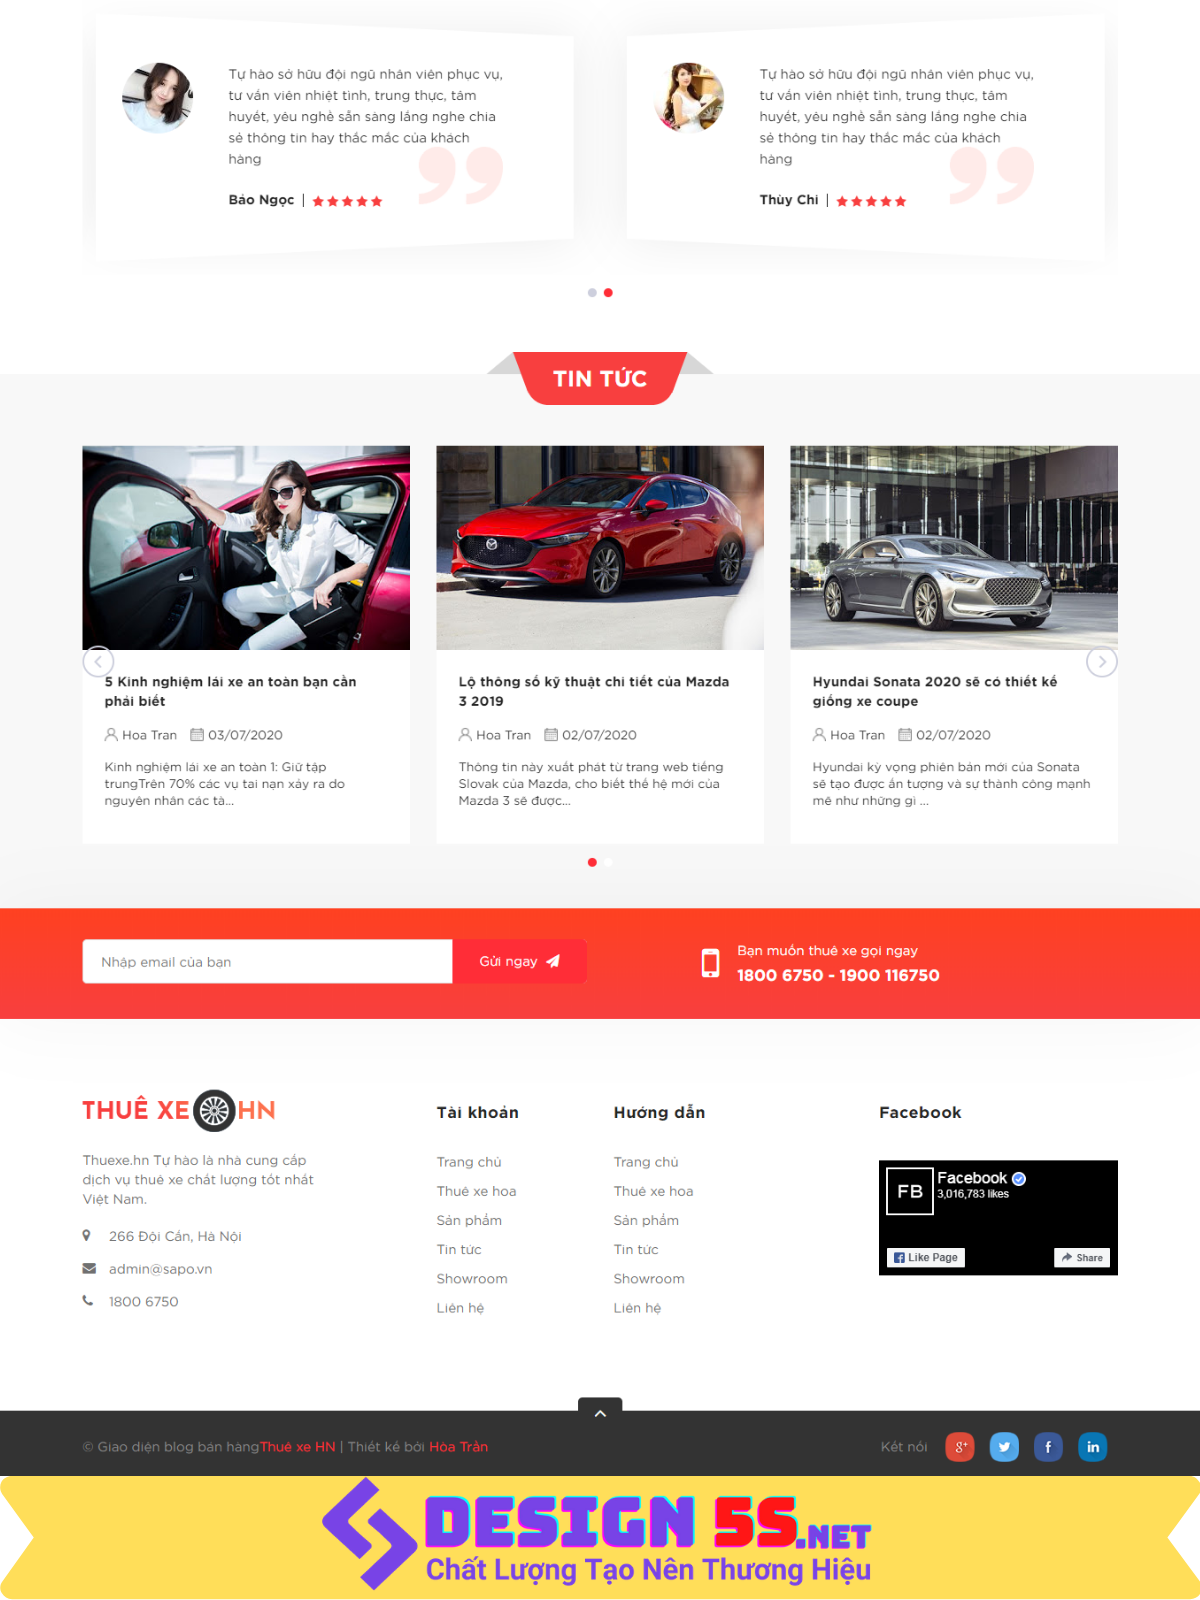 Theme blogspot dịch vụ cho thuê xe, đẹp chuẩn SEO VSM52 - Ảnh 2